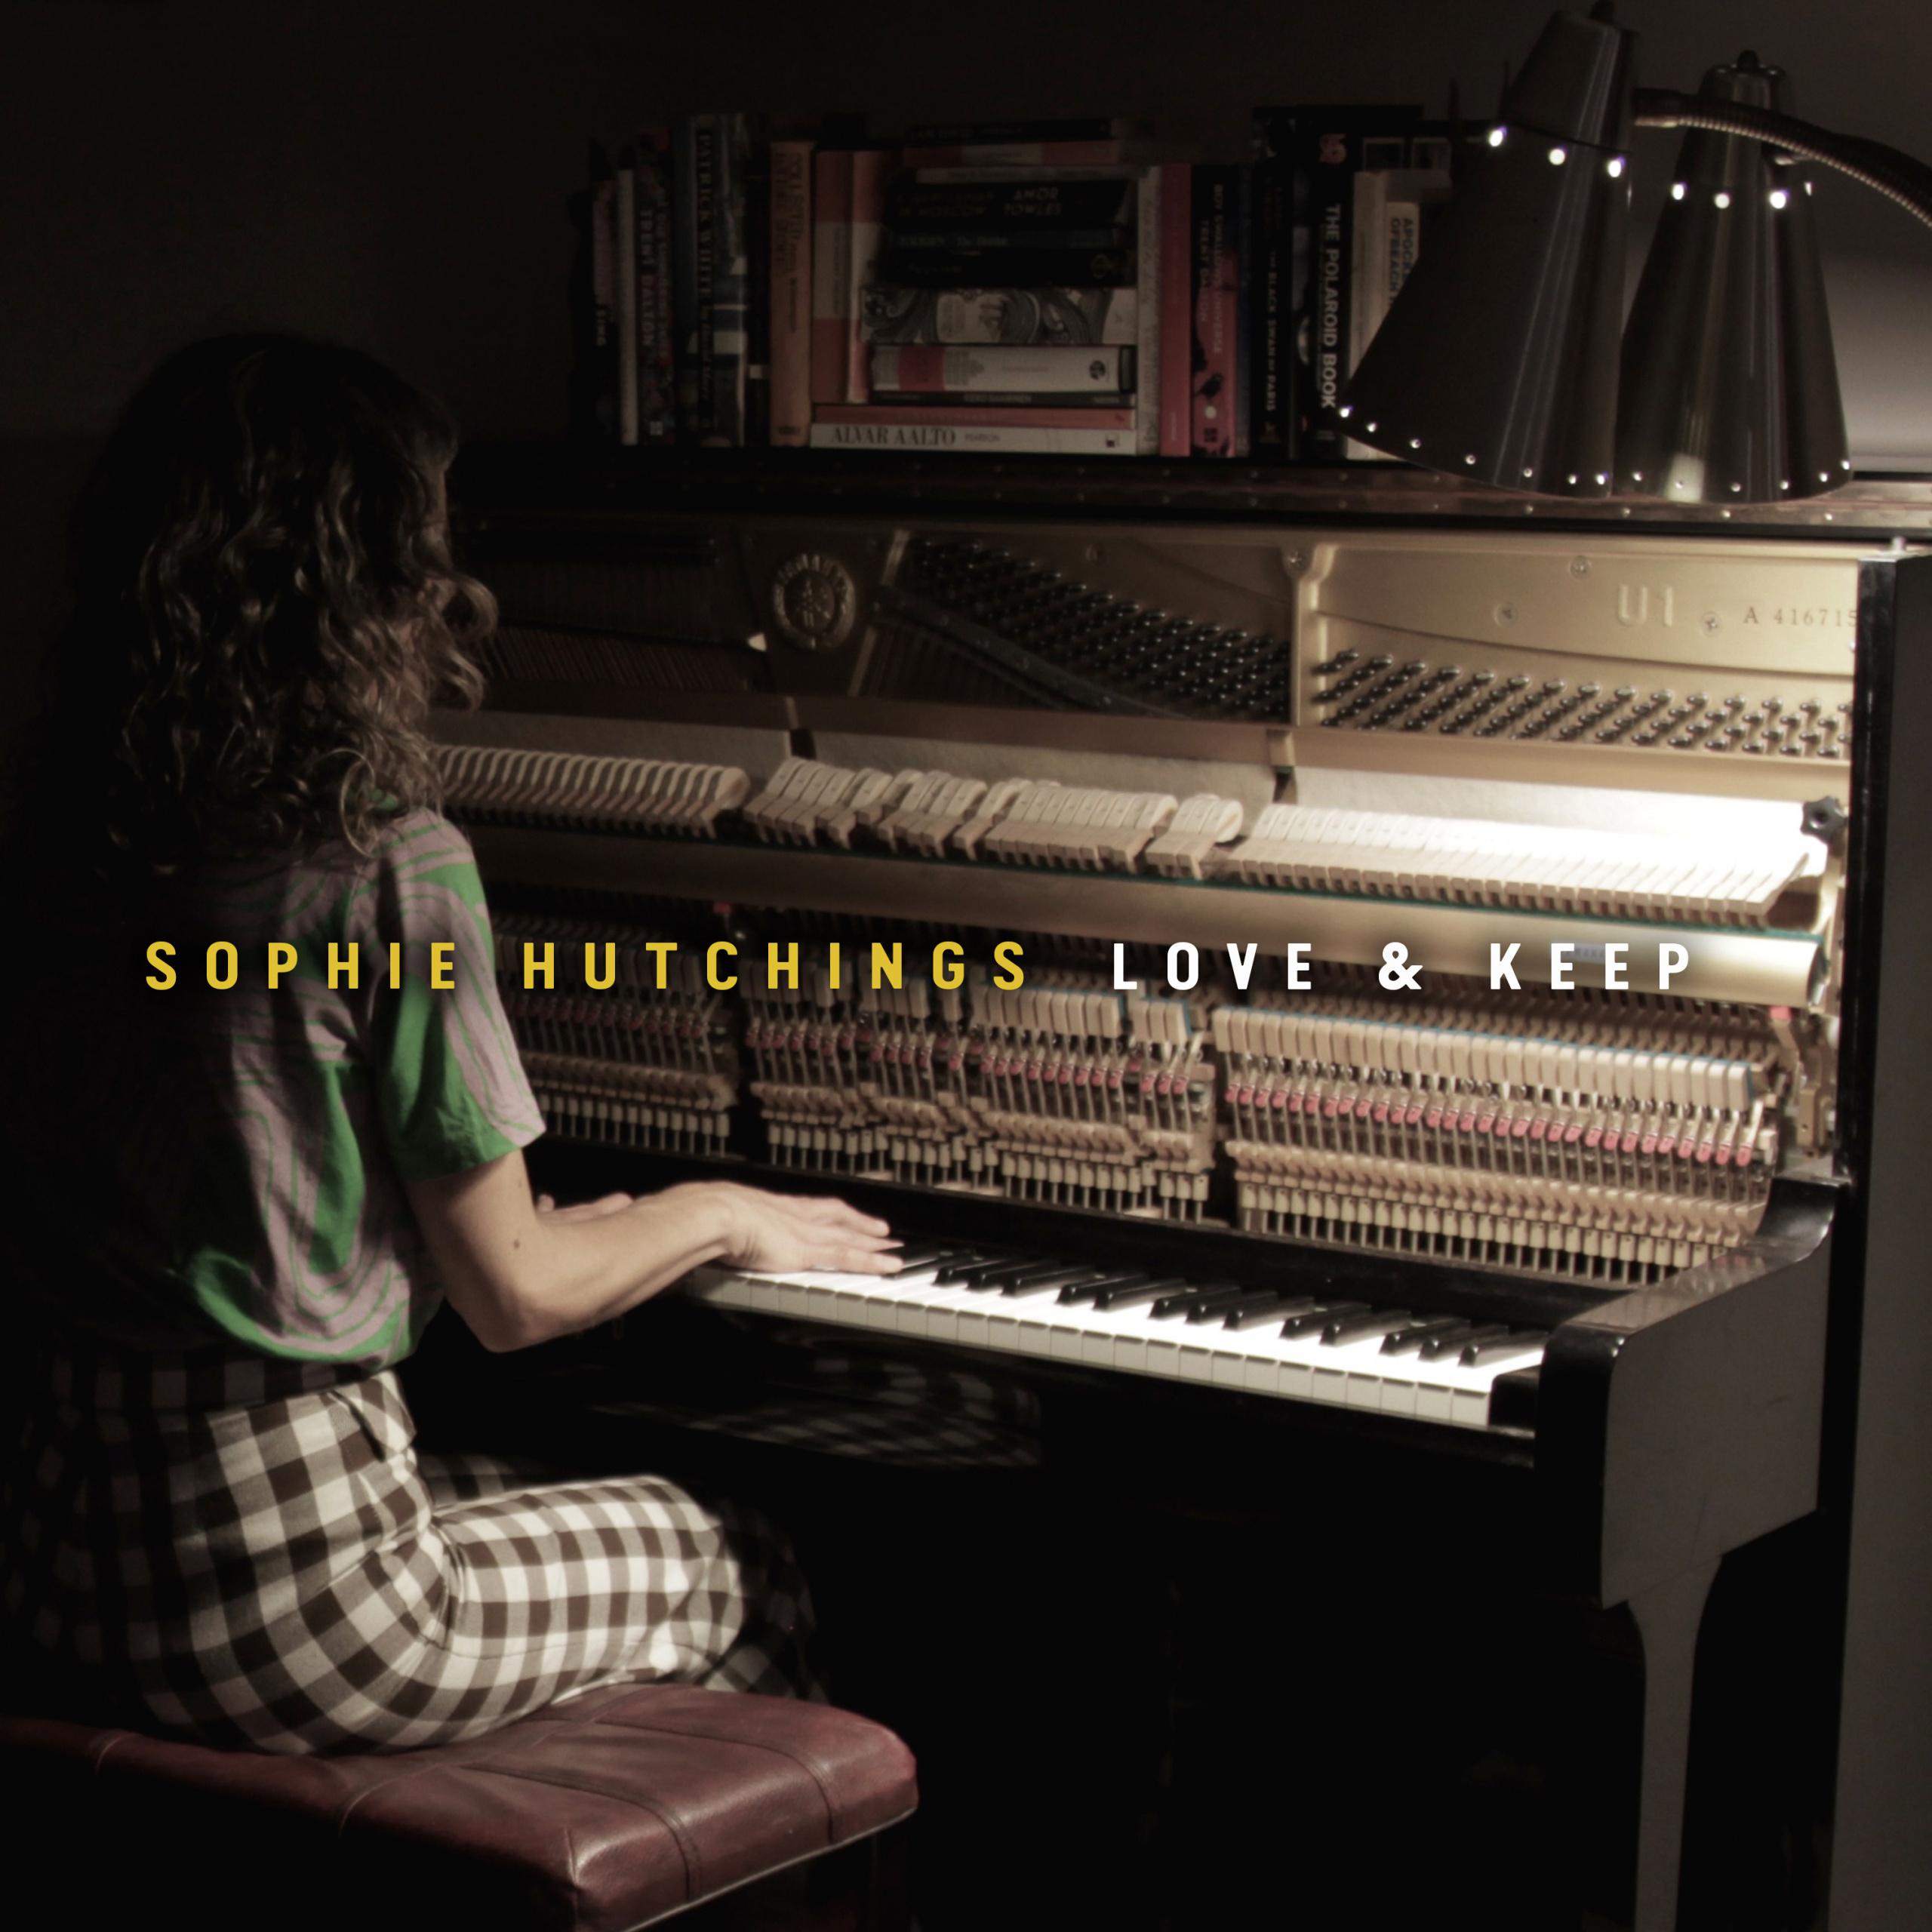 Sophie Hutchings: Love & Keep